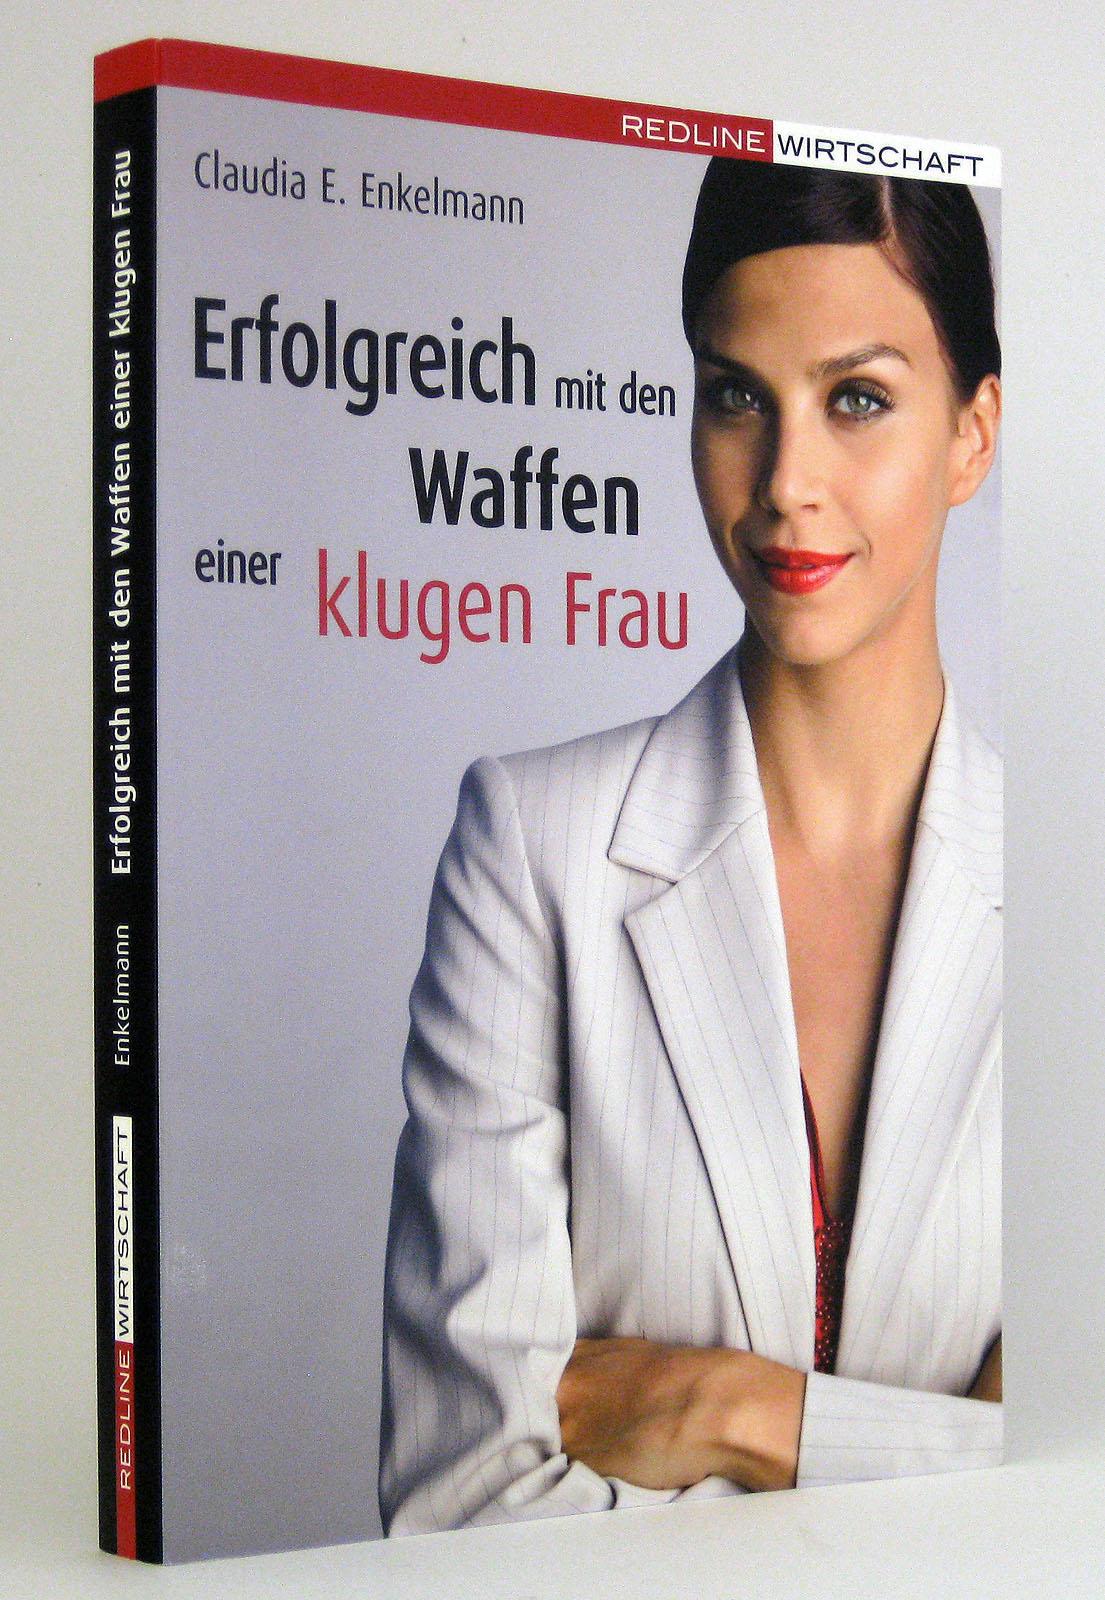 Erfolgreich mit den Waffen einer klugen Frau - Enkelmann, Claudia E.